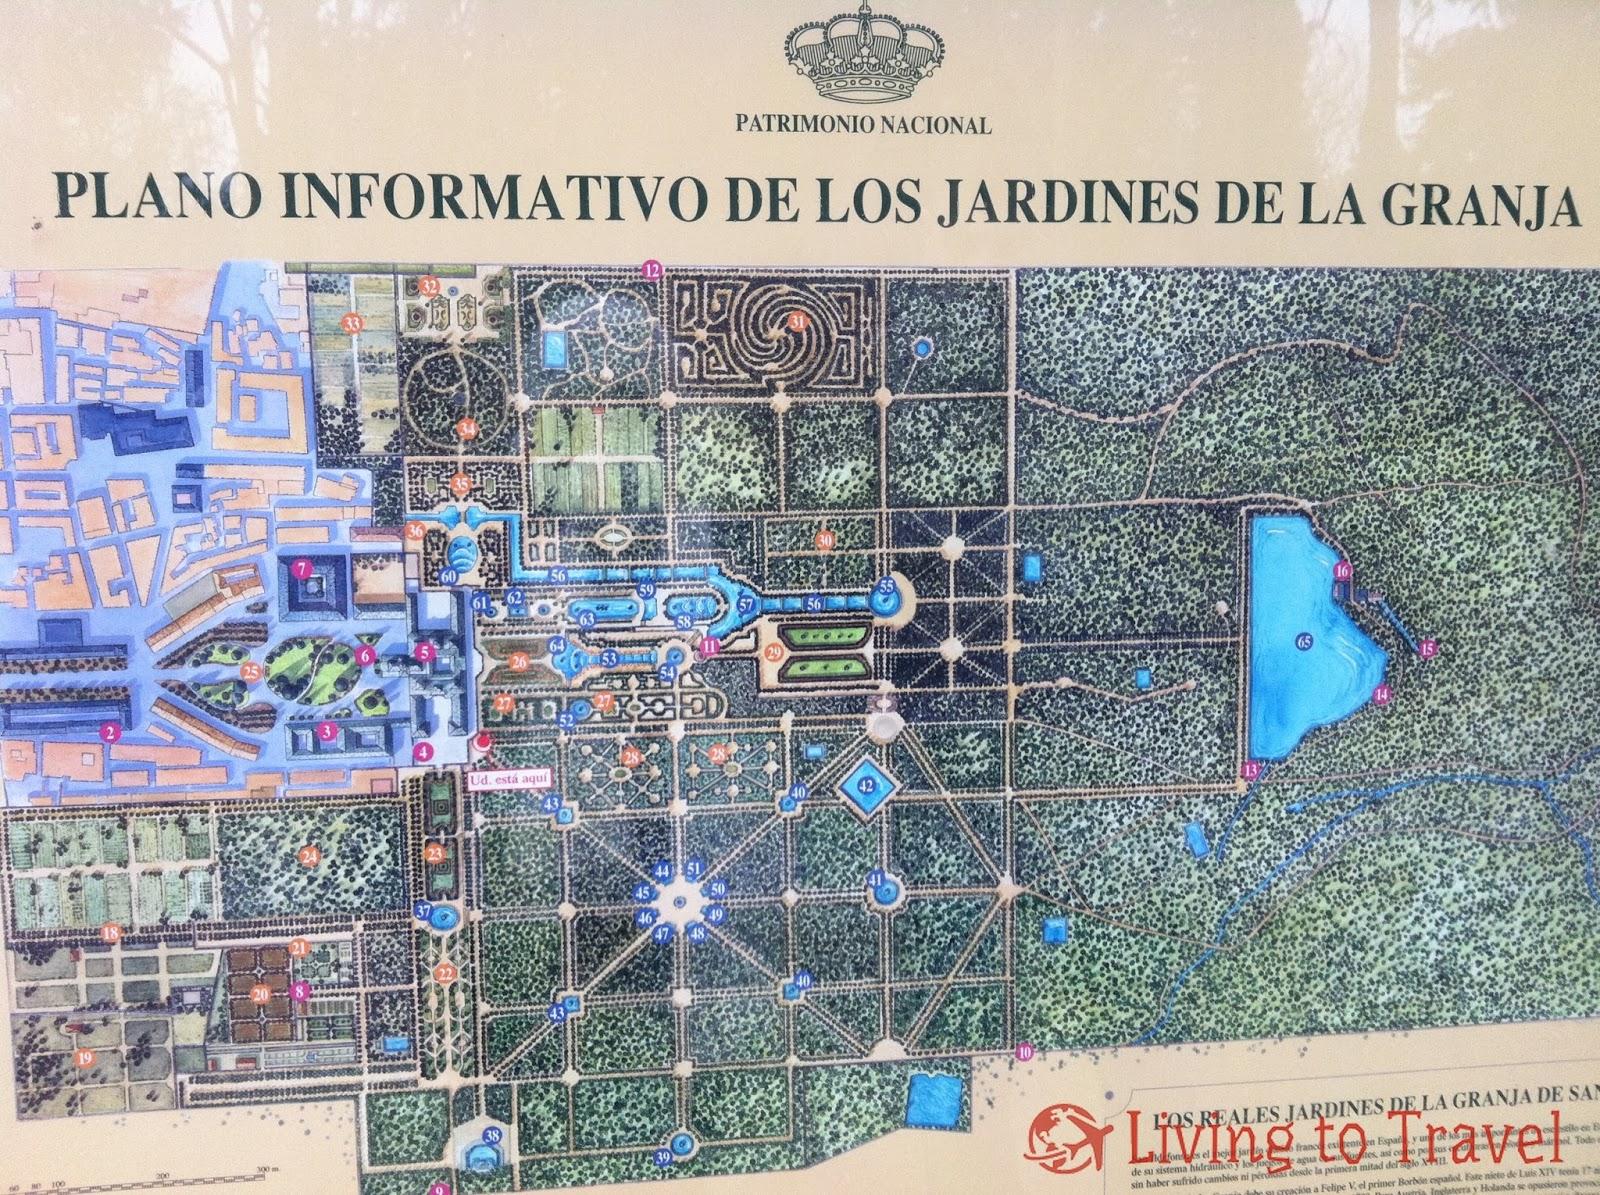 Jardines del palacio real de la granja de san ildefonso - Los jardines de lola ...